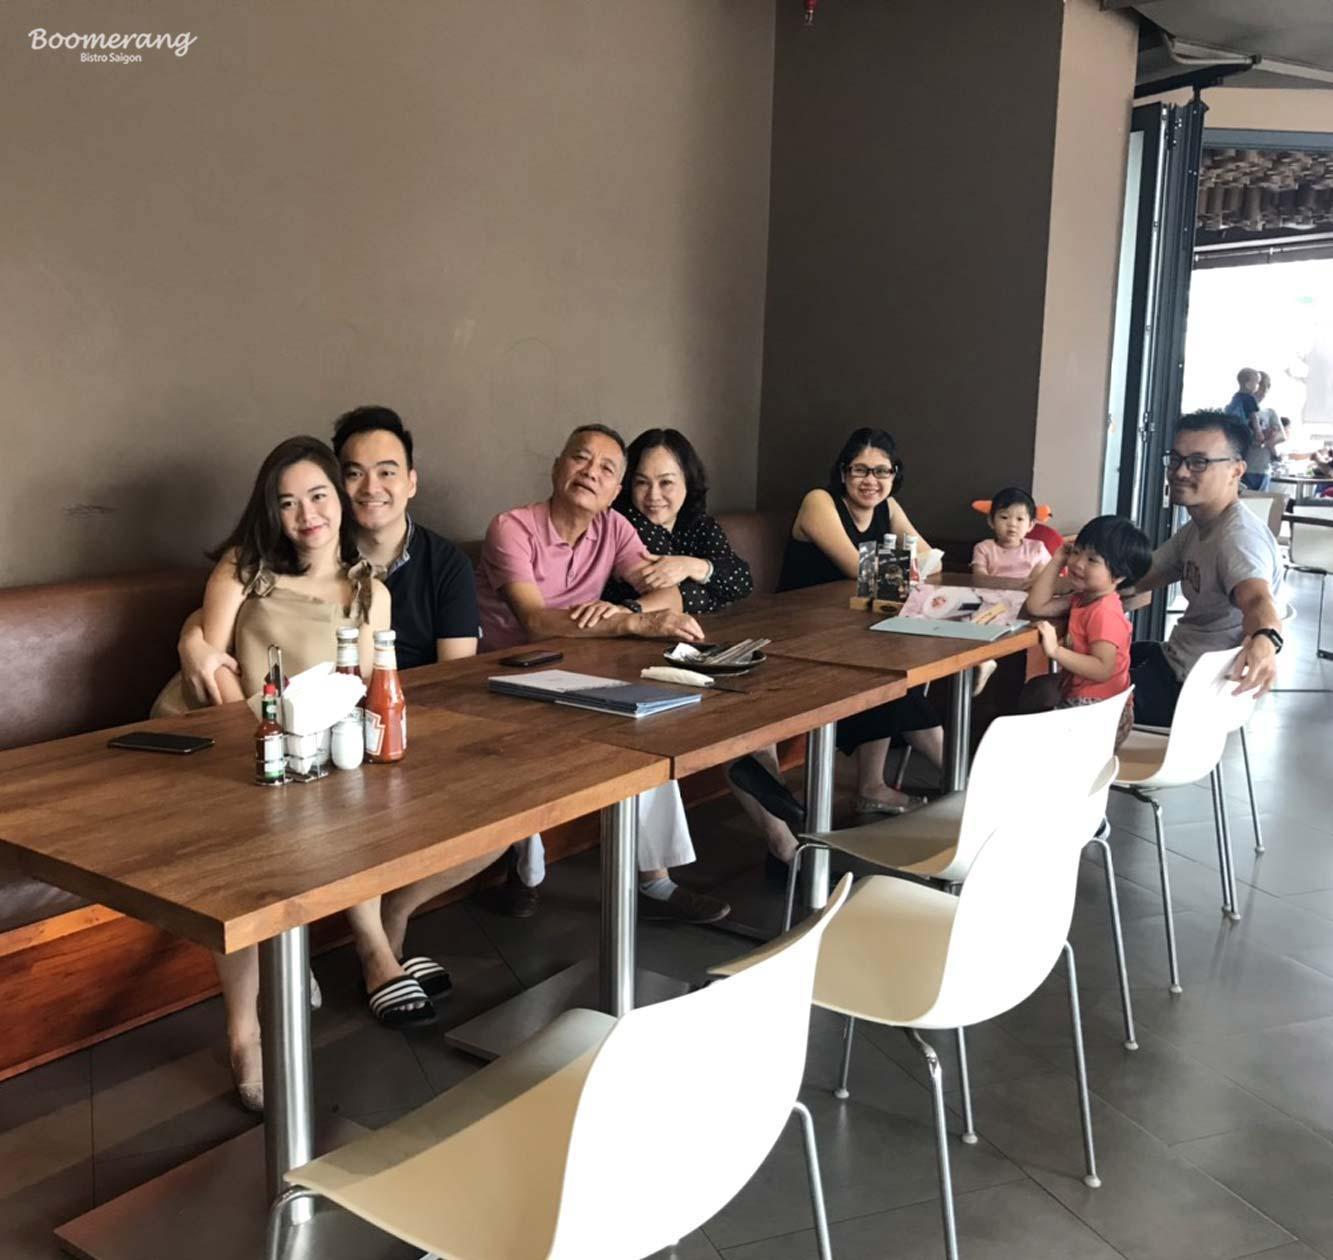 Ngày gia đình nhà hàng Boomerang